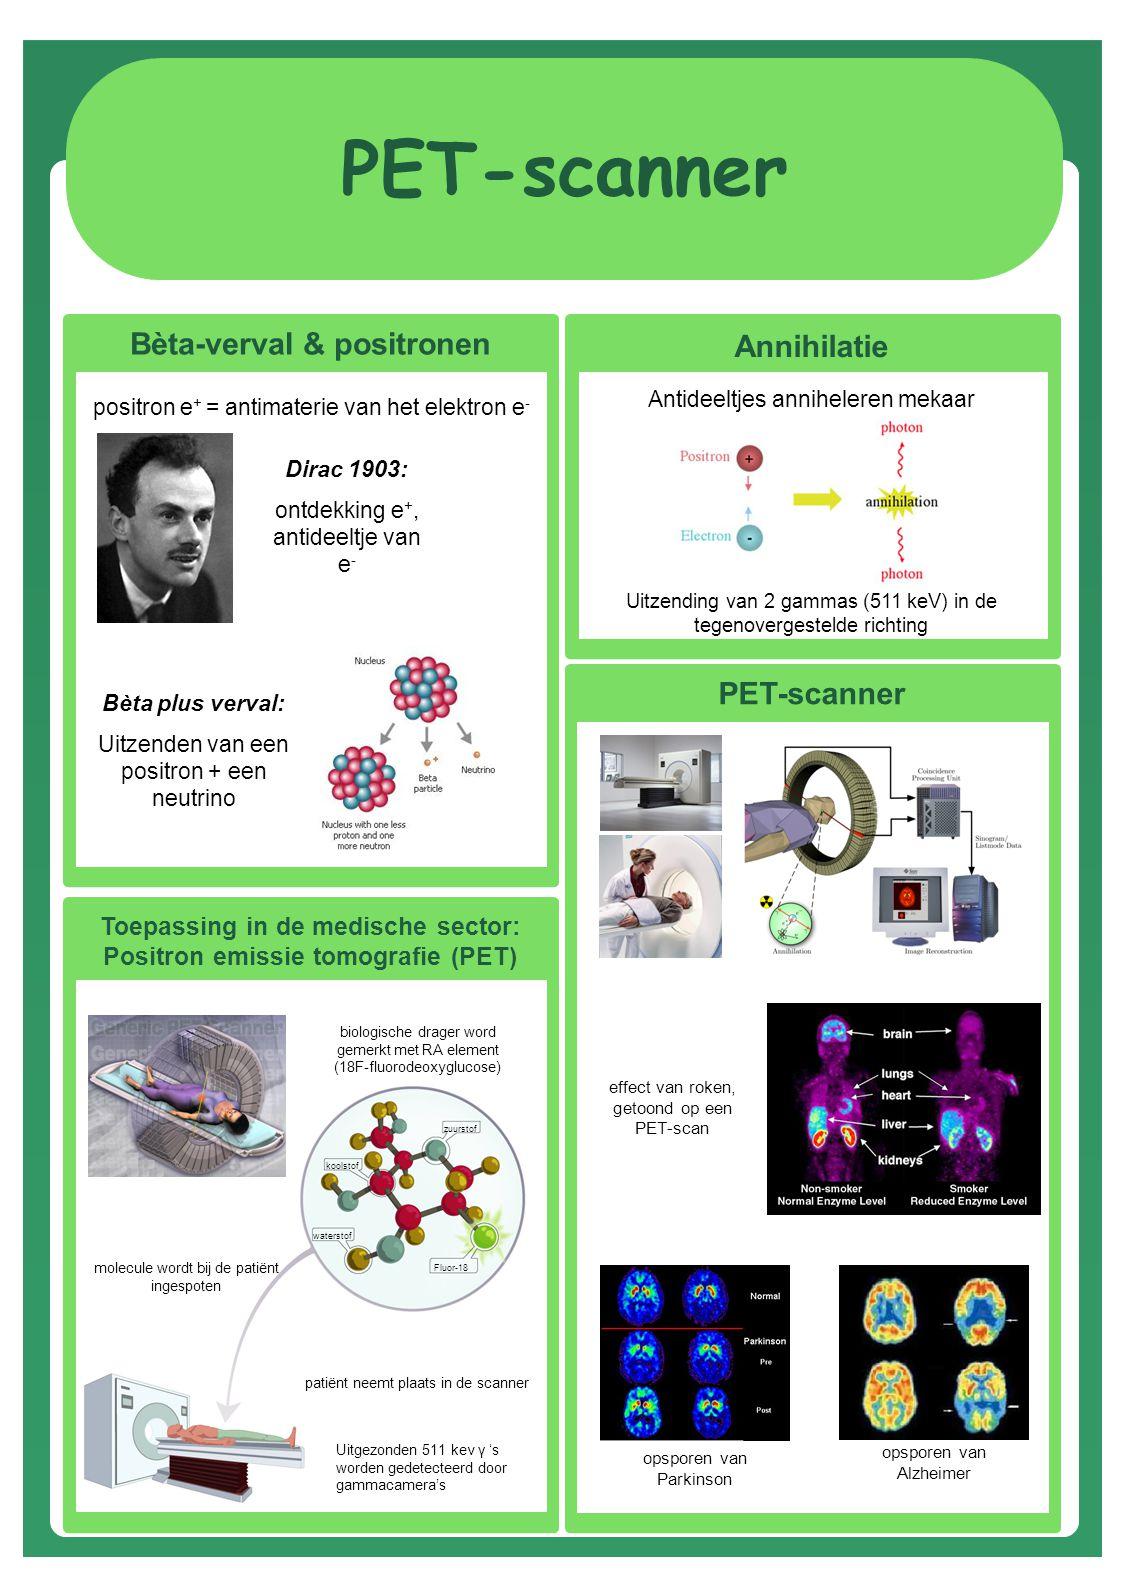 PET-scanner Bèta-verval & positronen positron e + = antimaterie van het elektron e - Dirac 1903: ontdekking e +, antideeltje van e - Bèta plus verval: Uitzenden van een positron + een neutrino Annihilatie Antideeltjes anniheleren mekaar Uitzending van 2 gammas (511 keV) in de tegenovergestelde richting Toepassing in de medische sector: Positron emissie tomografie (PET) zuurstof waterstof koolstof Fluor-18 biologische drager word gemerkt met RA element (18F-fluorodeoxyglucose) molecule wordt bij de patiënt ingespoten patiënt neemt plaats in de scanner Uitgezonden 511 kev γ 's worden gedetecteerd door gammacamera's PET-scanner opsporen van Parkinson opsporen van Alzheimer effect van roken, getoond op een PET-scan